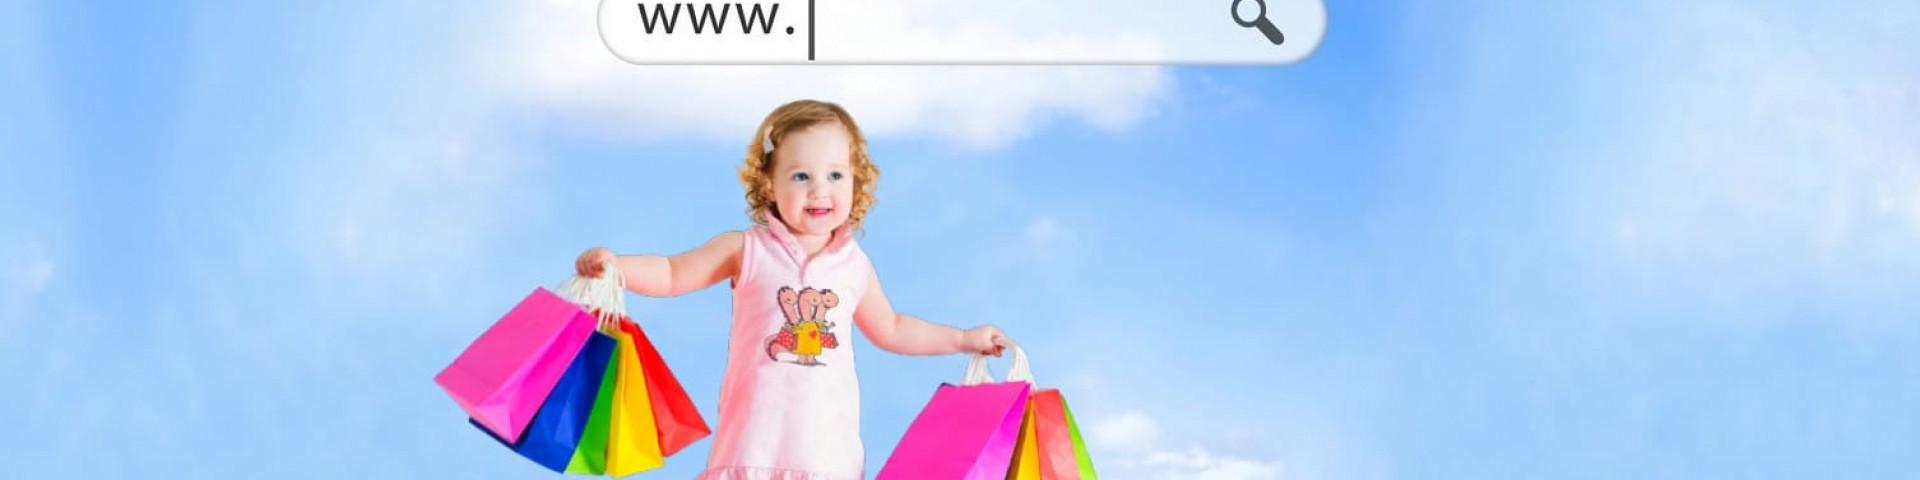 От памперсов и до колясок: рейтинг лучших интернет-магазинов для детей 2020— 2021 гг